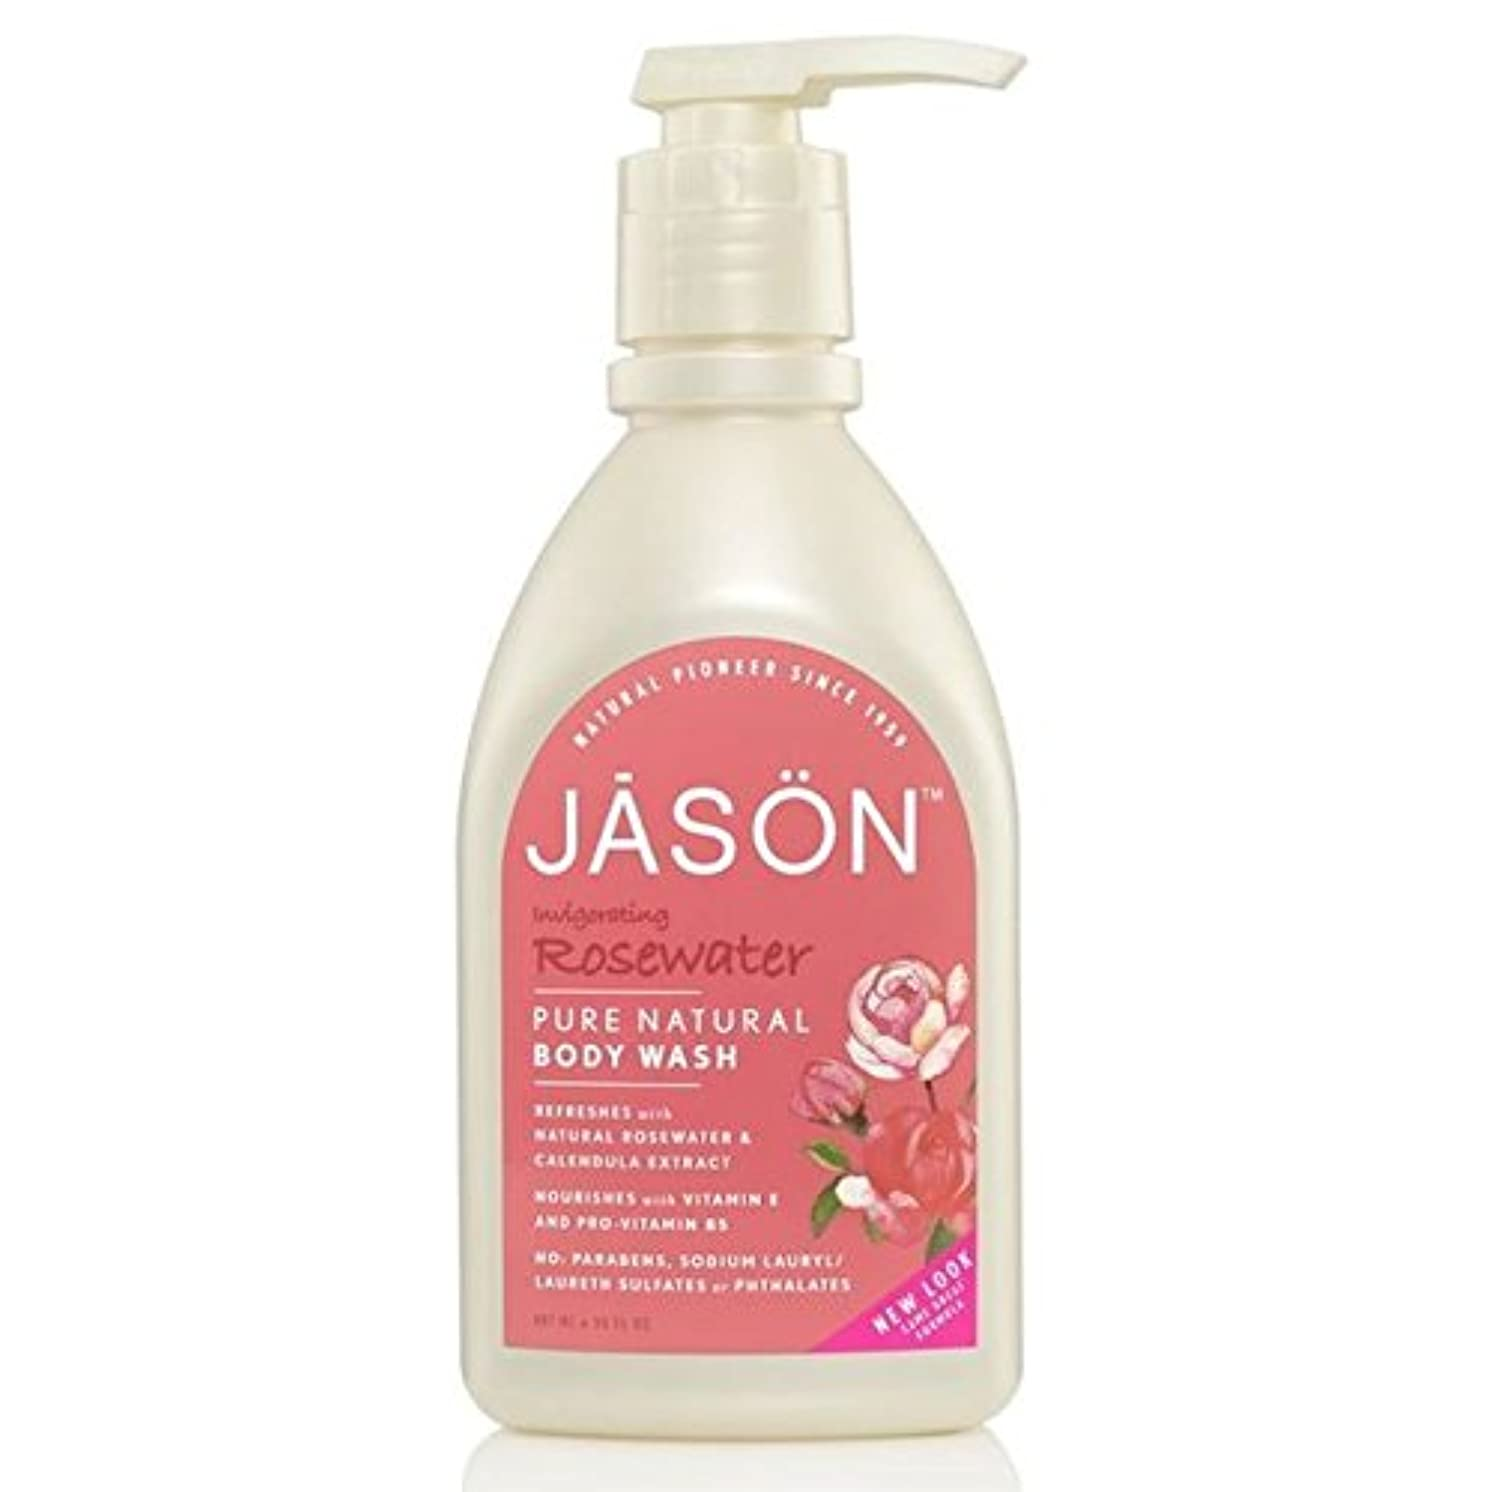 援助するトランク高いJason Body Wash Rosewater Satin Shower 900ml (Pack of 6) - ジェイソン?ボディウォッシュローズウォーターサテンシャワー900ミリリットル x6 [並行輸入品]